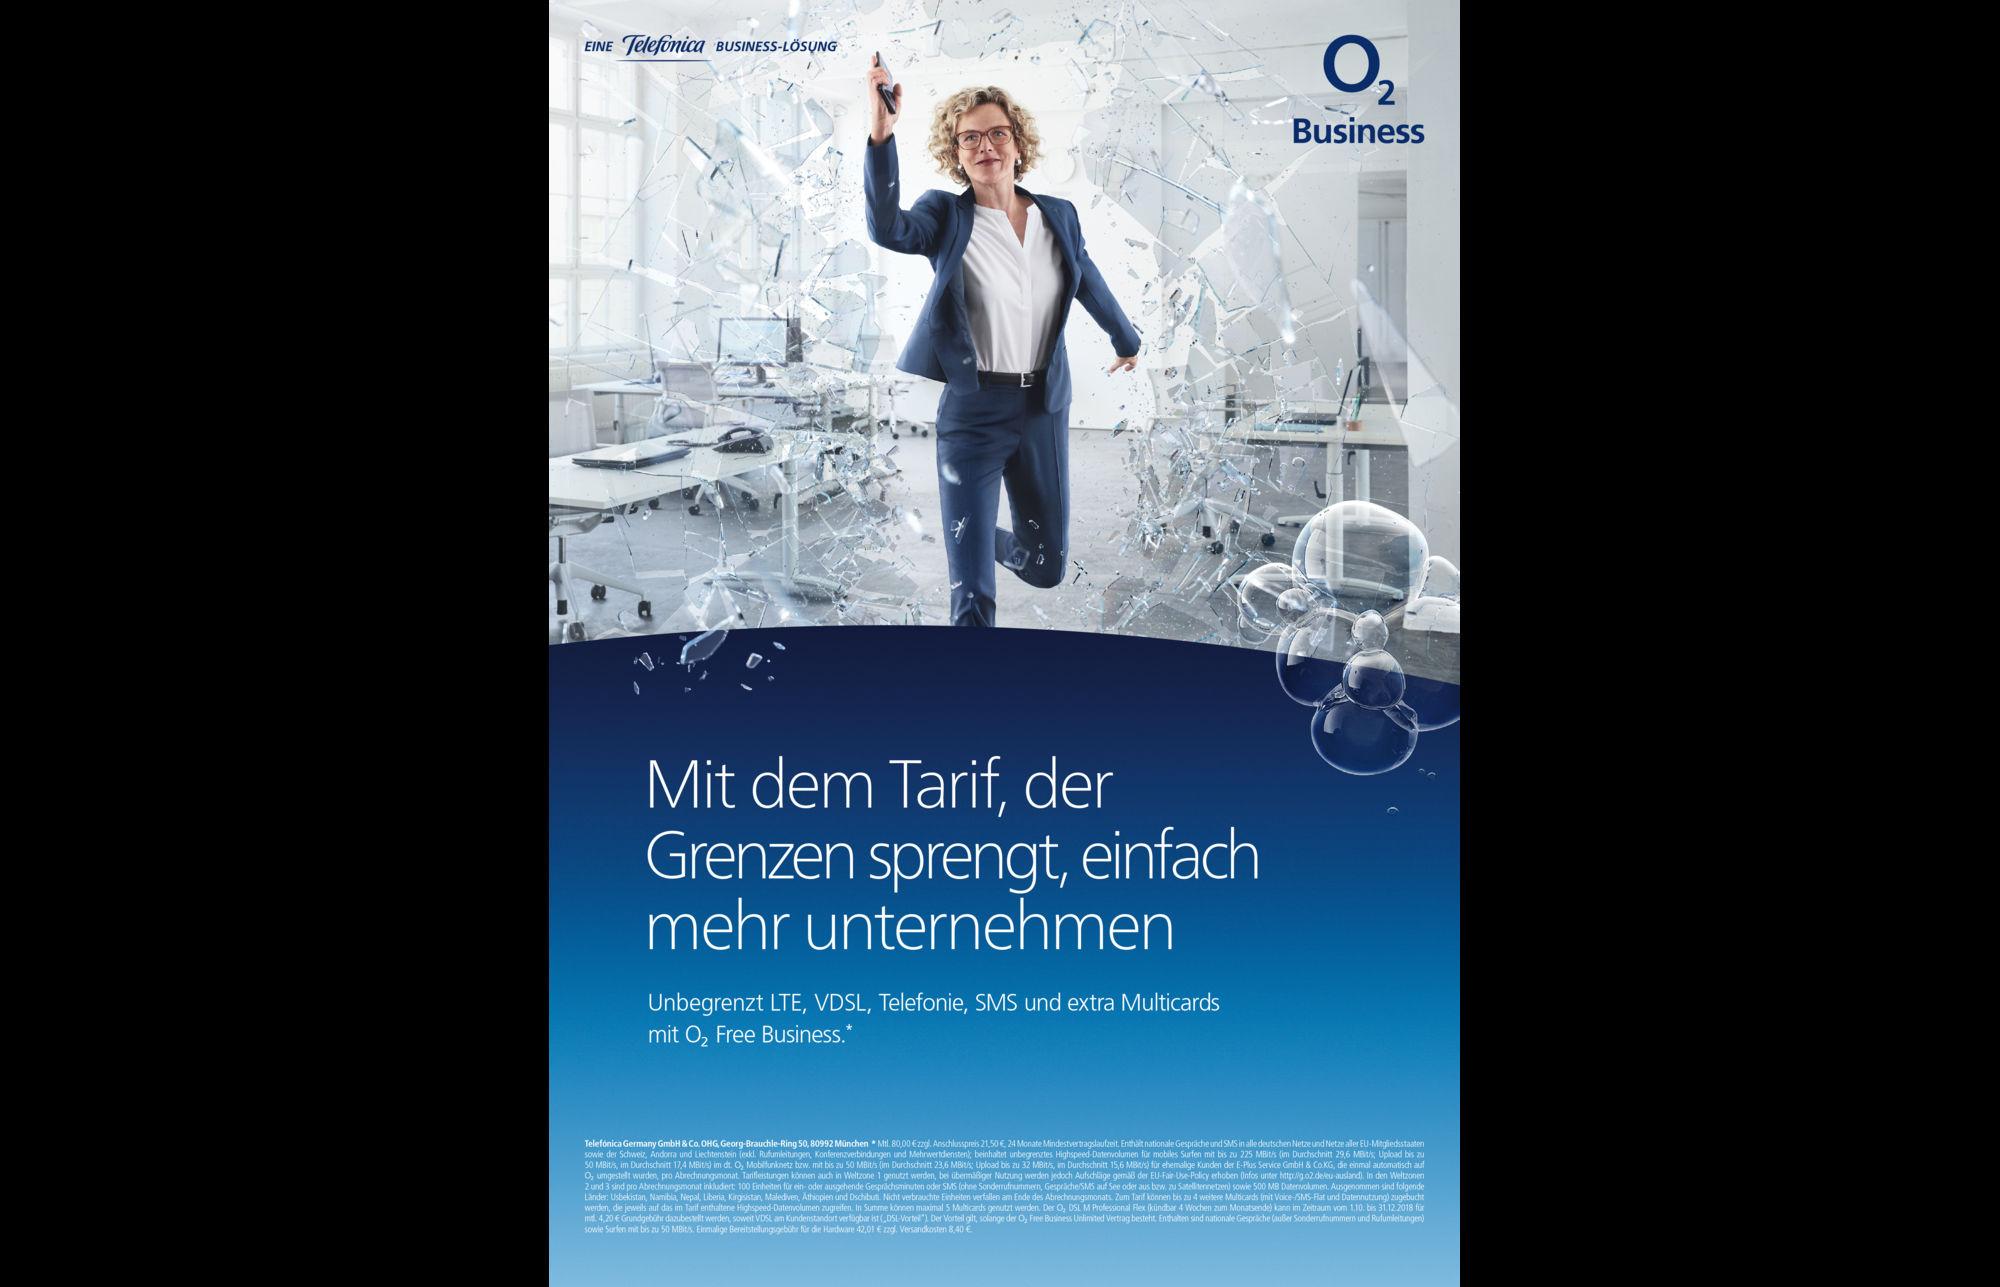 EMEIS DEUBEL: Holger Pooten for O2